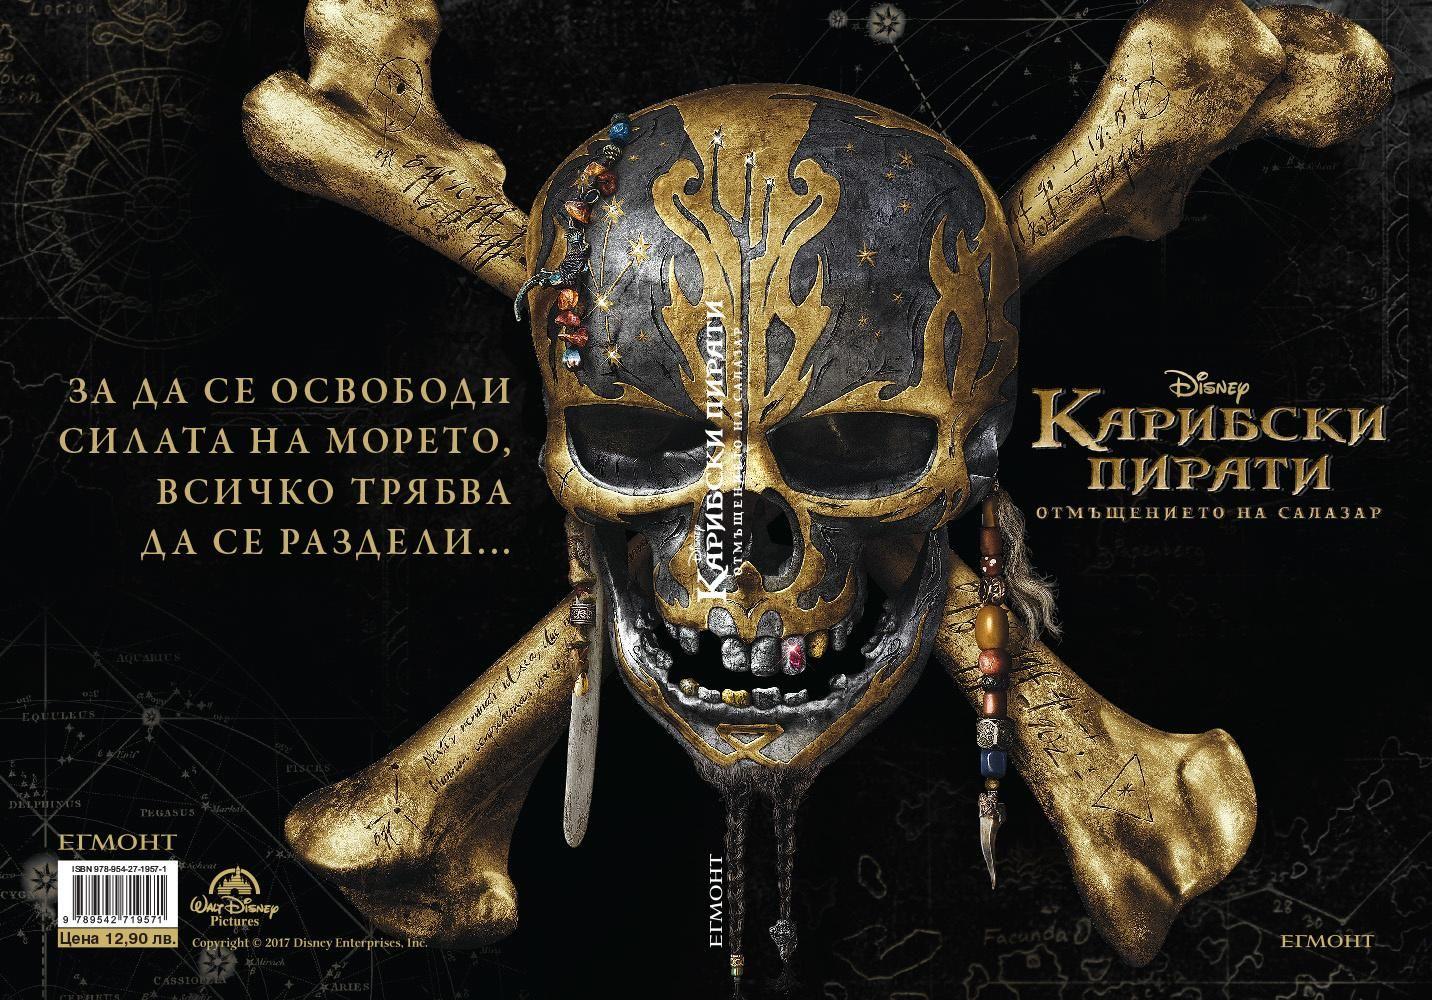 Карибски пирати: Отмъщението на Салазар (адаптация на филма) - 2